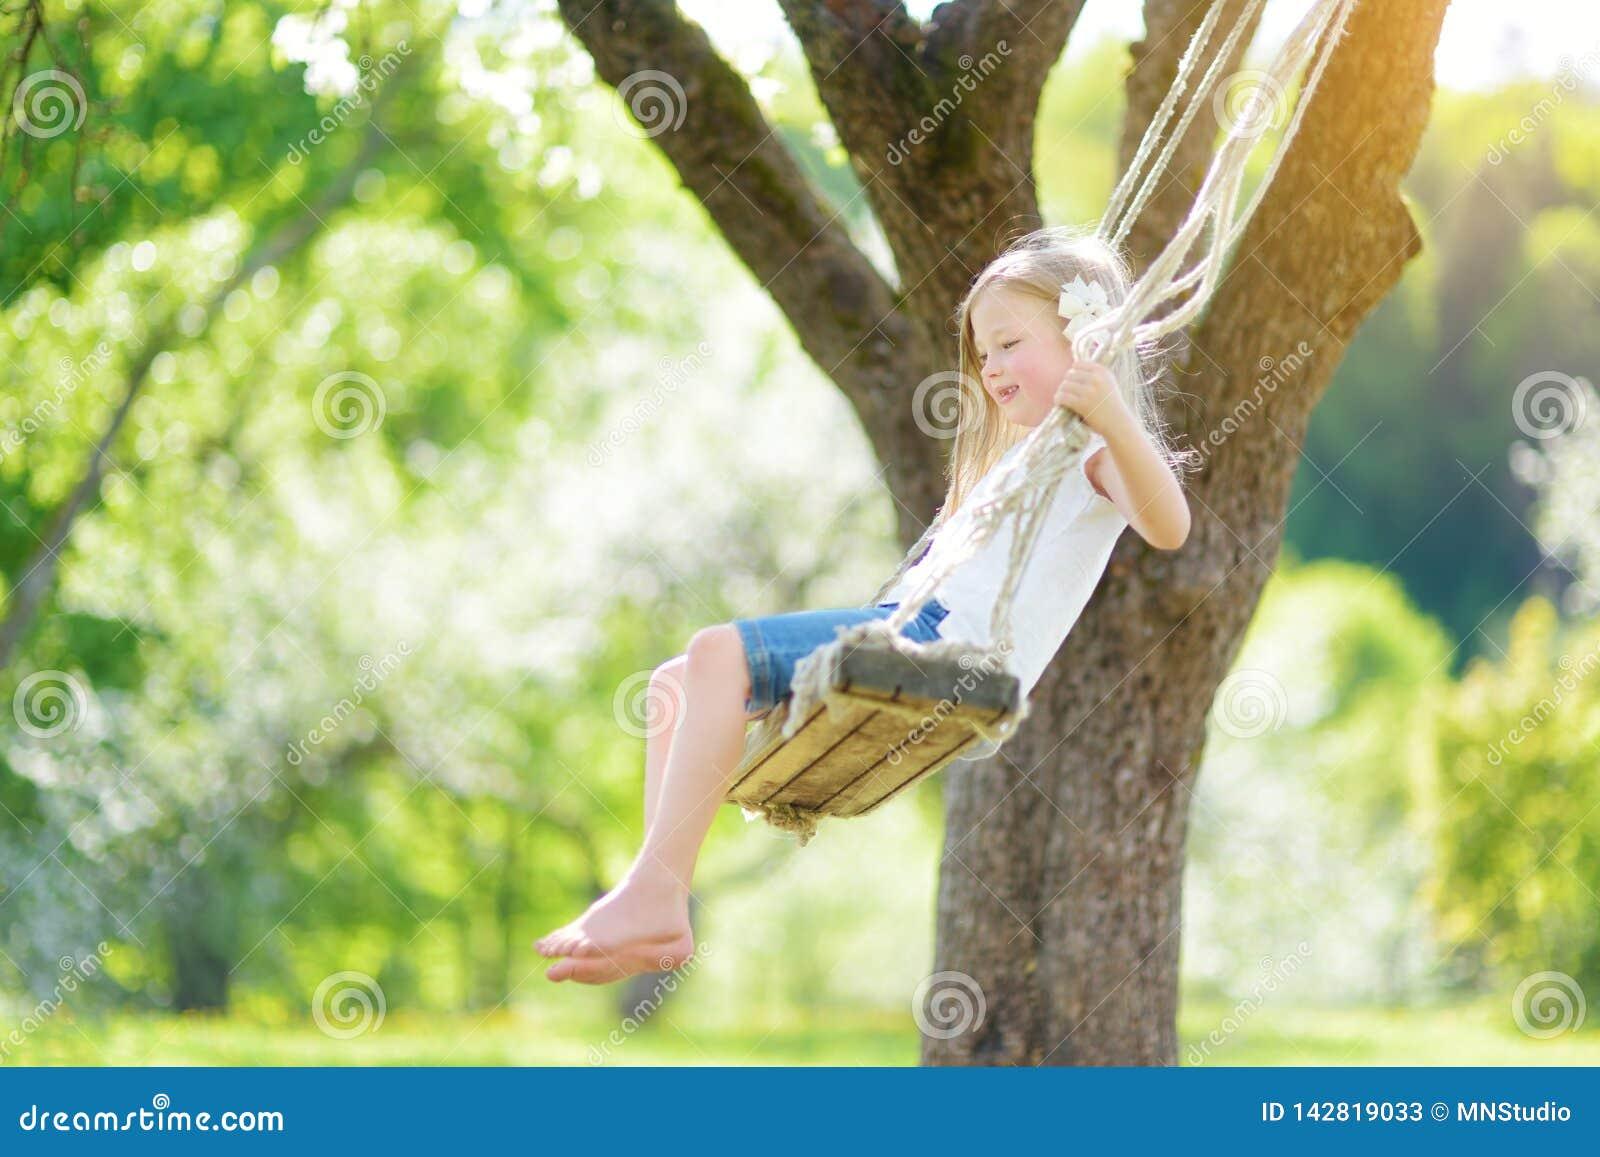 Nettes kleines Mädchen, das Spaß auf einem Schwingen in blühendem altem Apfelbaumgarten draußen am sonnigen Frühlingstag hat